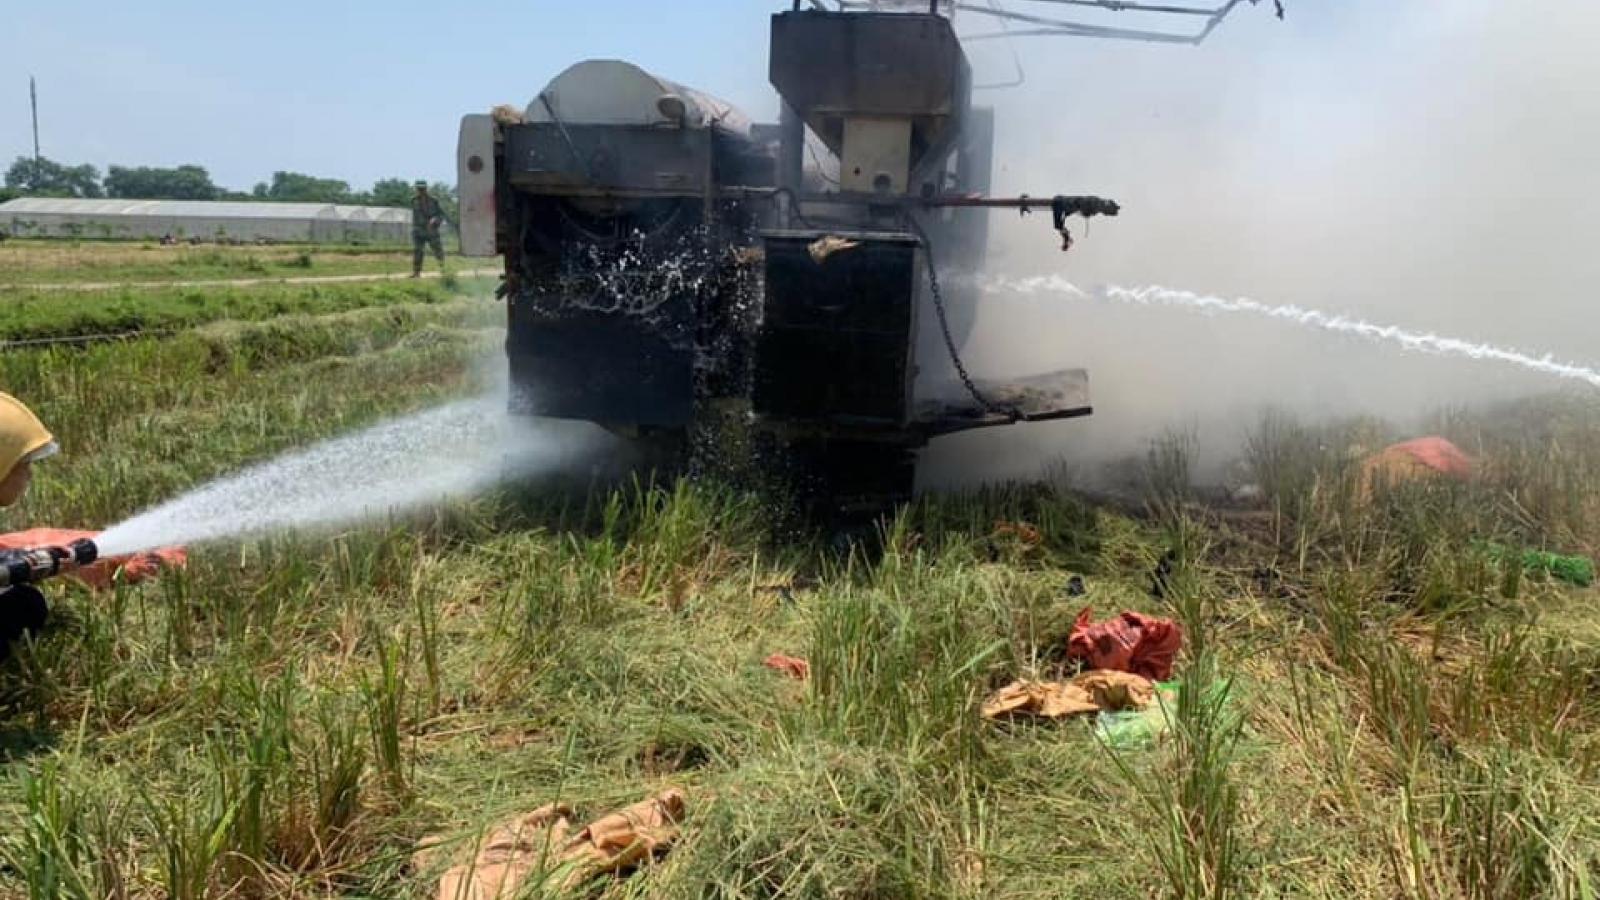 Máy gặt liên hợp bốc cháy ngùn ngụt giữa đồng lúa